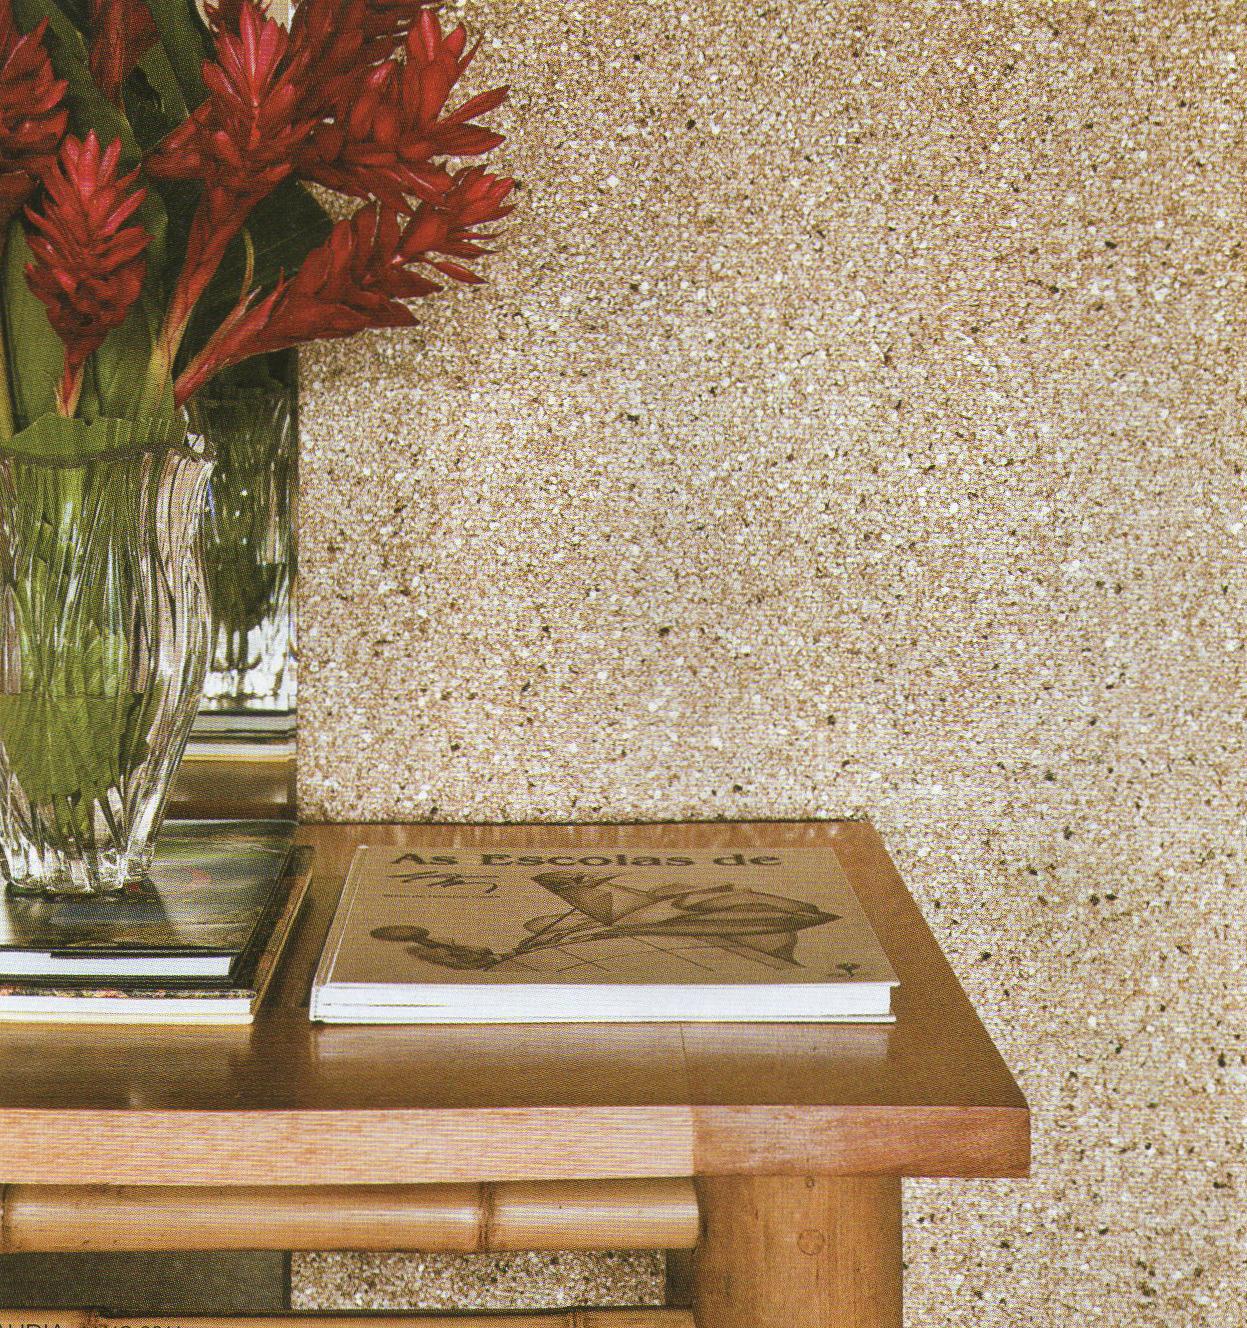 papel de parede decoracao de interiores:detalhe do papel de parede de mica